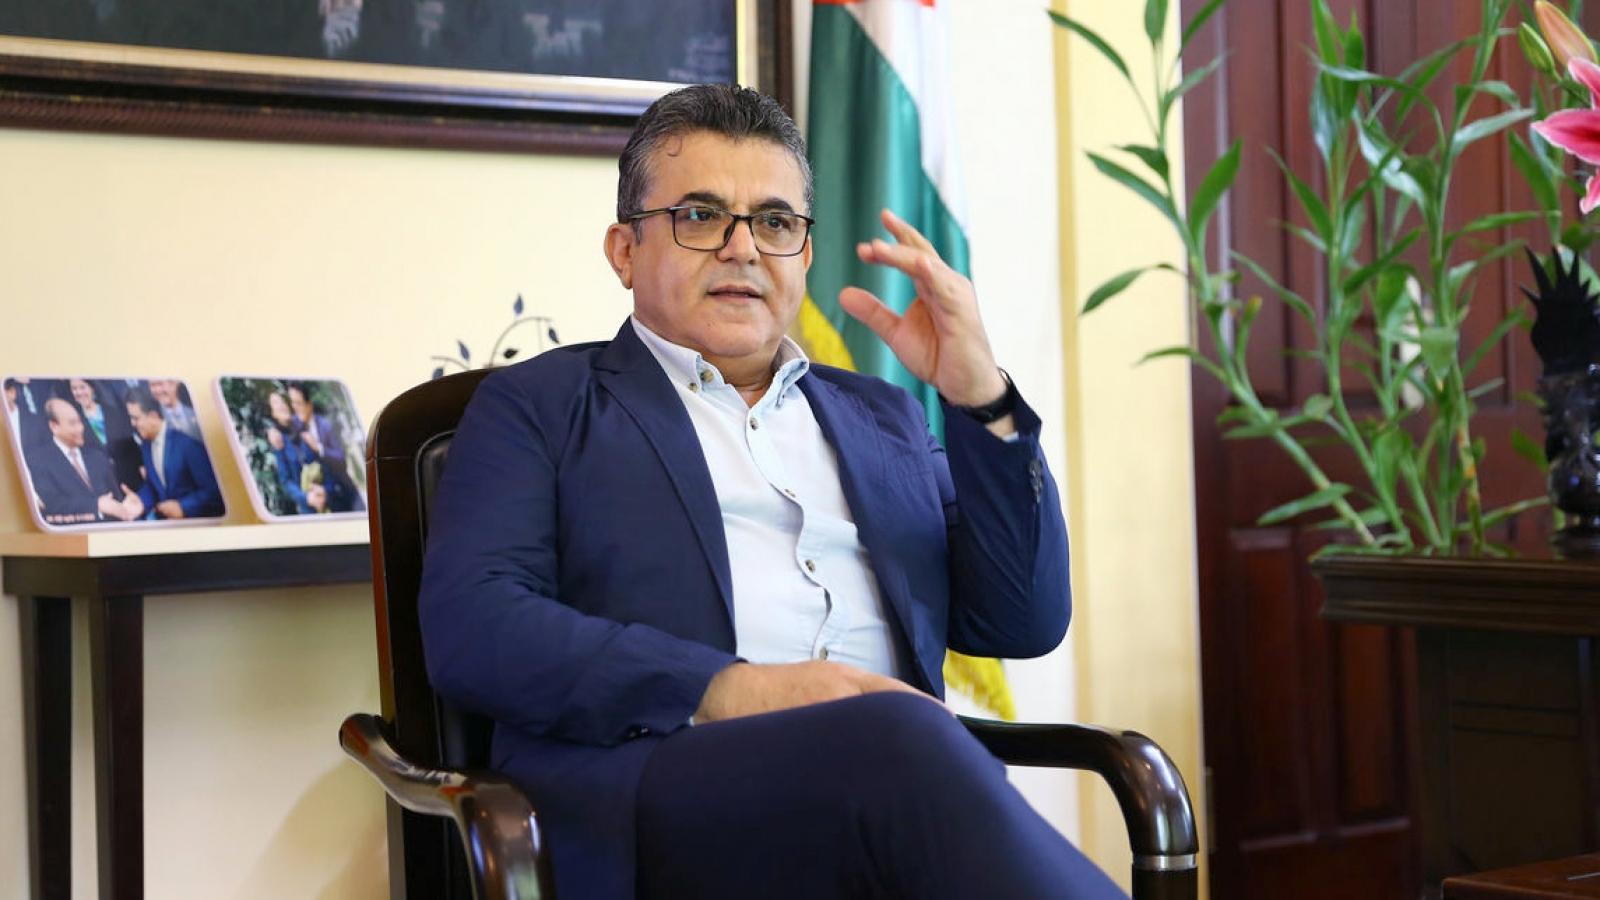 Đại sứ Palestine: Việt Nam sẽ tổ chức thành công kỳ bầu cử Quốc hội